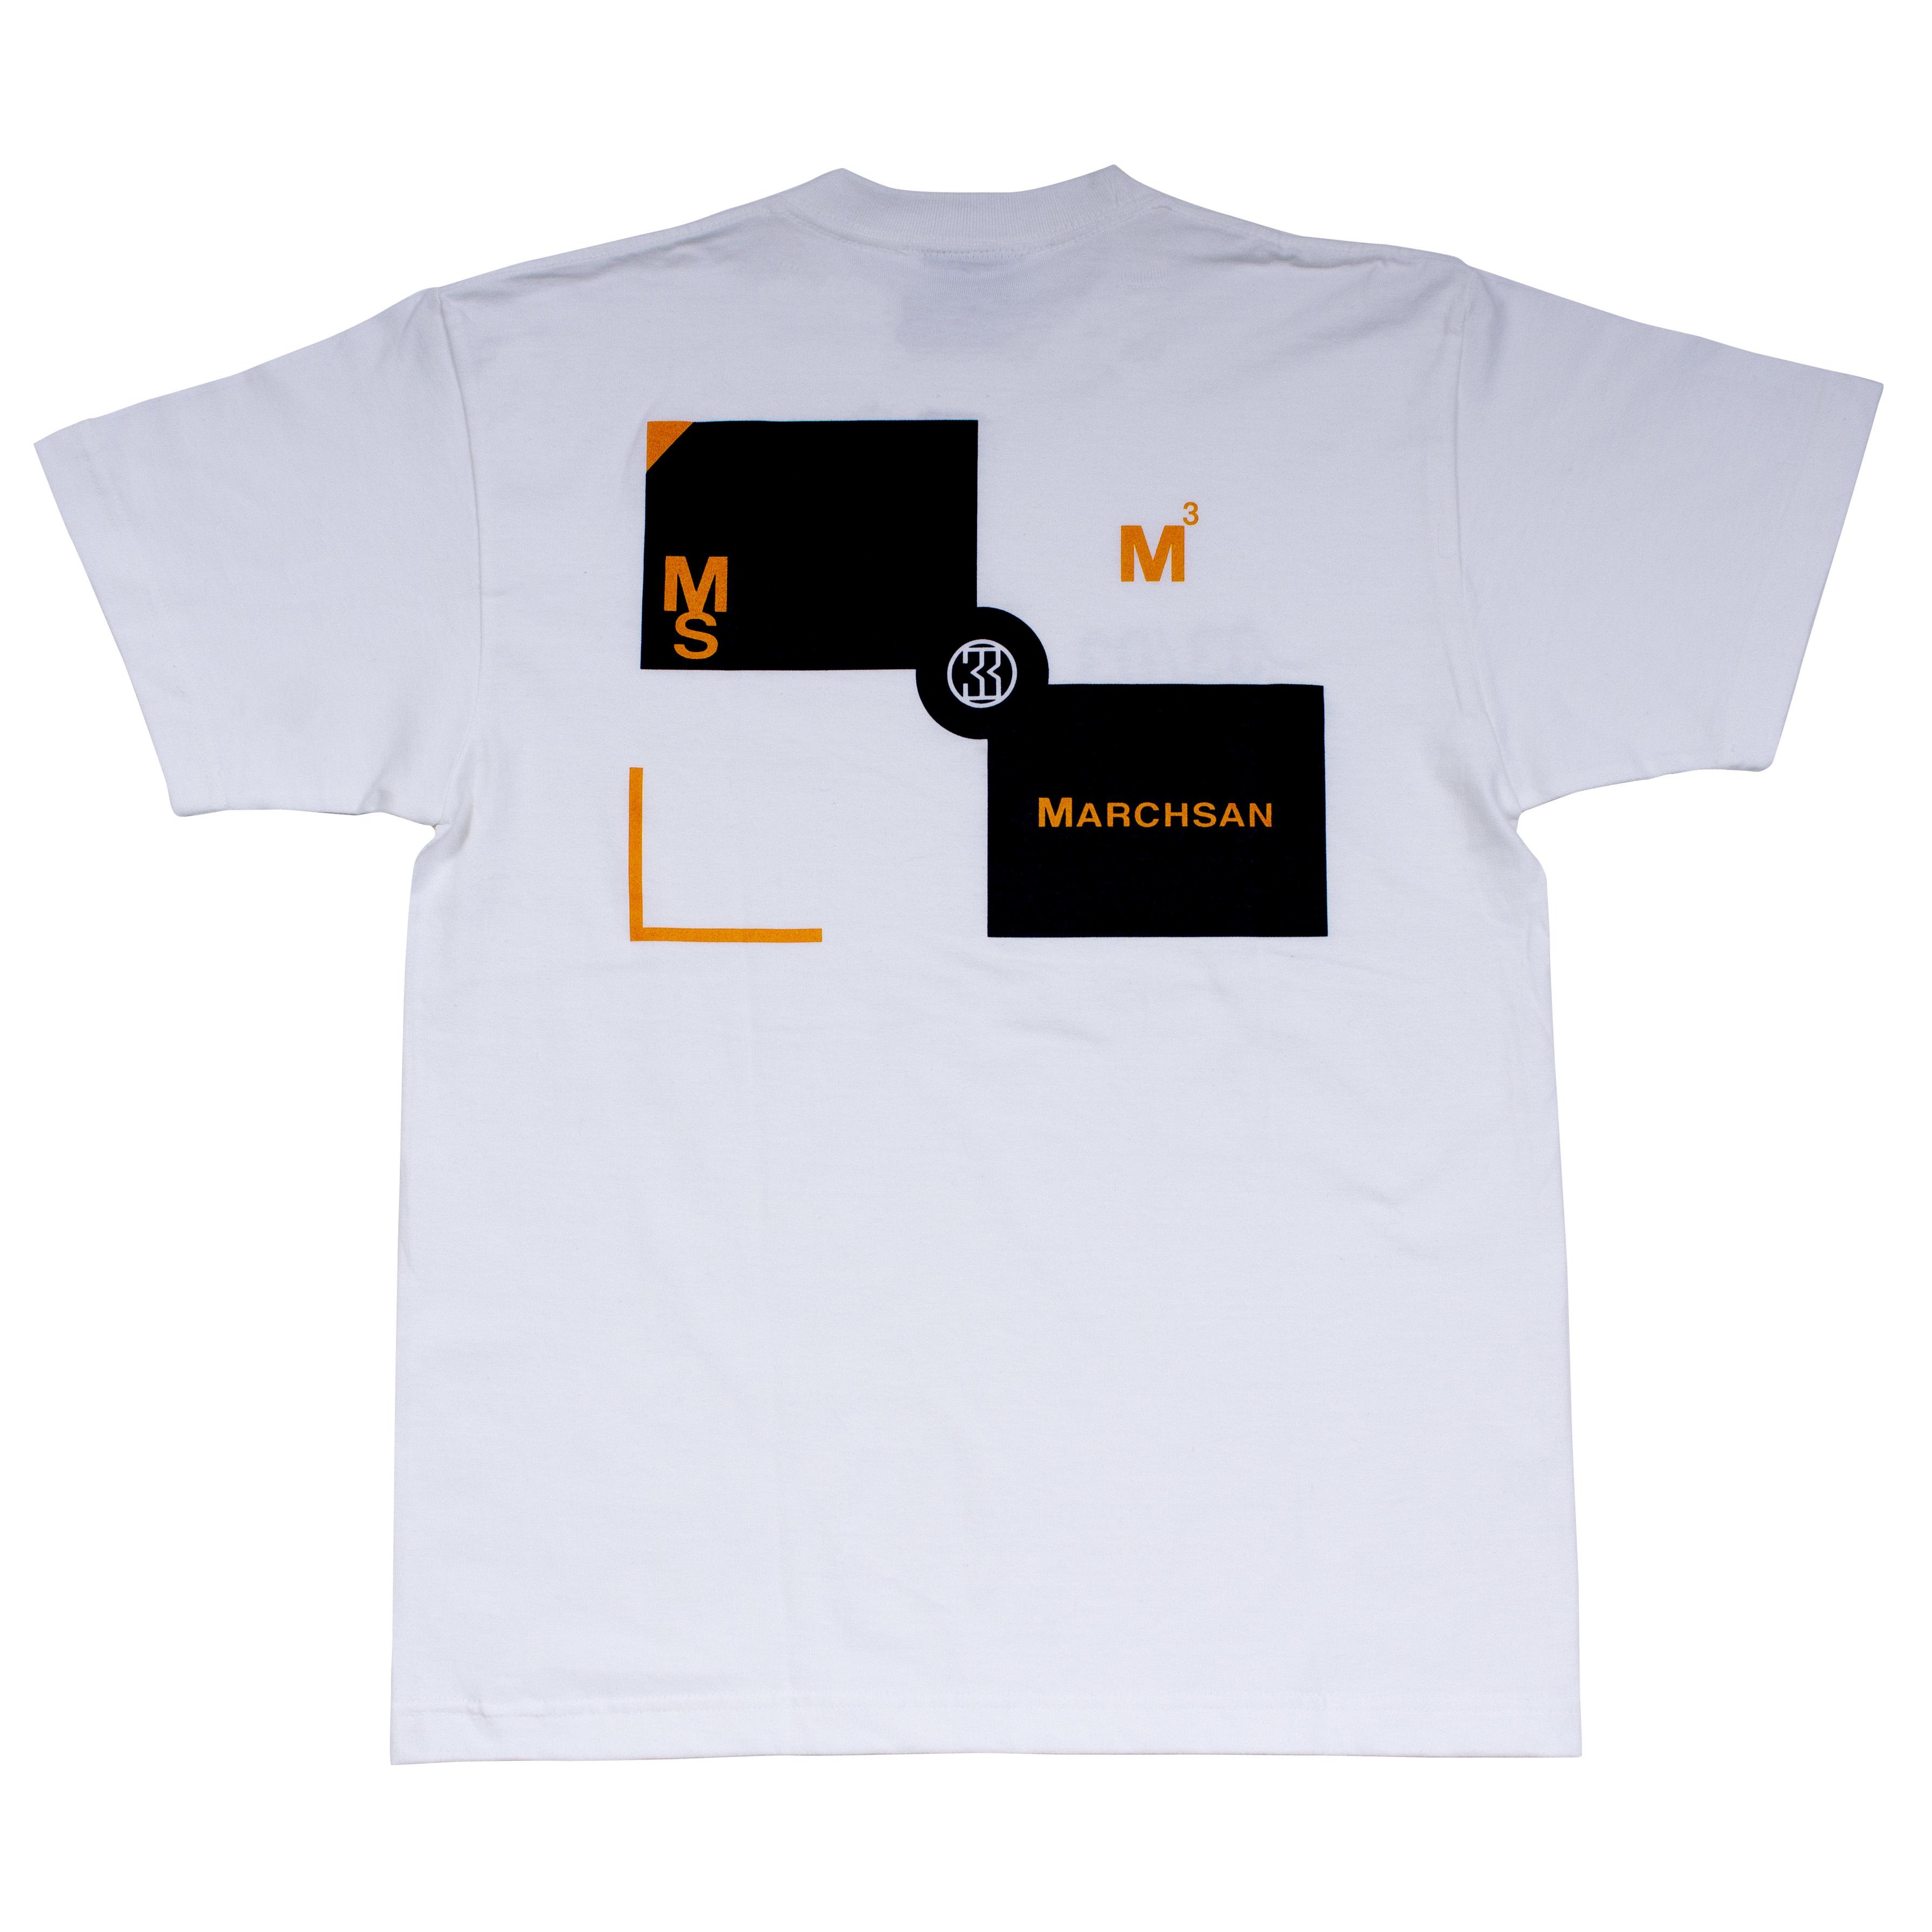 TARGET T-shirt 004(white)